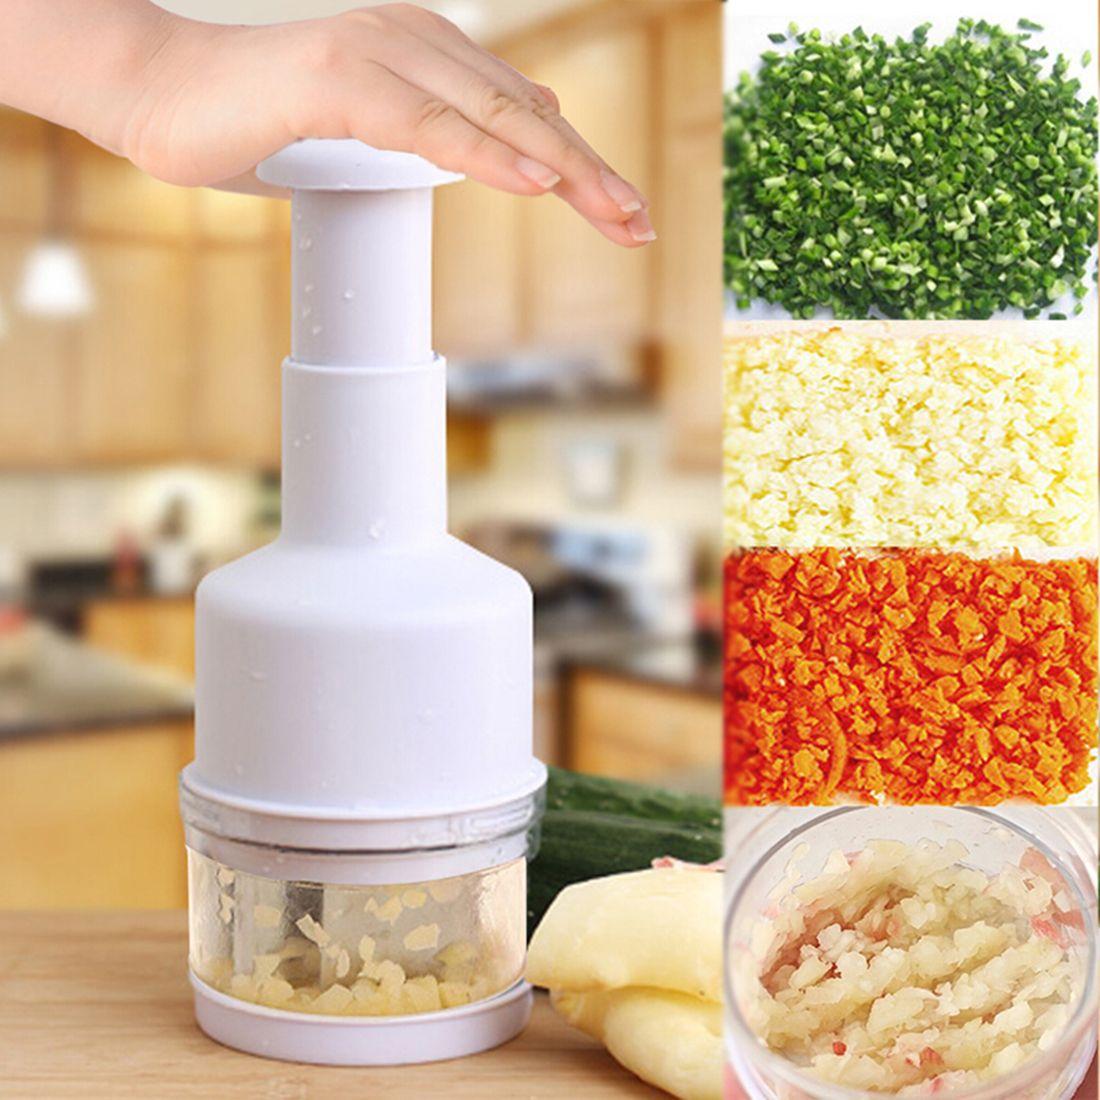 Nouveau Style Gadgets de cuisine en appuyant sur les légumes oignon ail Chopper Cutter trancheuse éplucheur multifonctionnel outil de cuisson couleur aléatoire